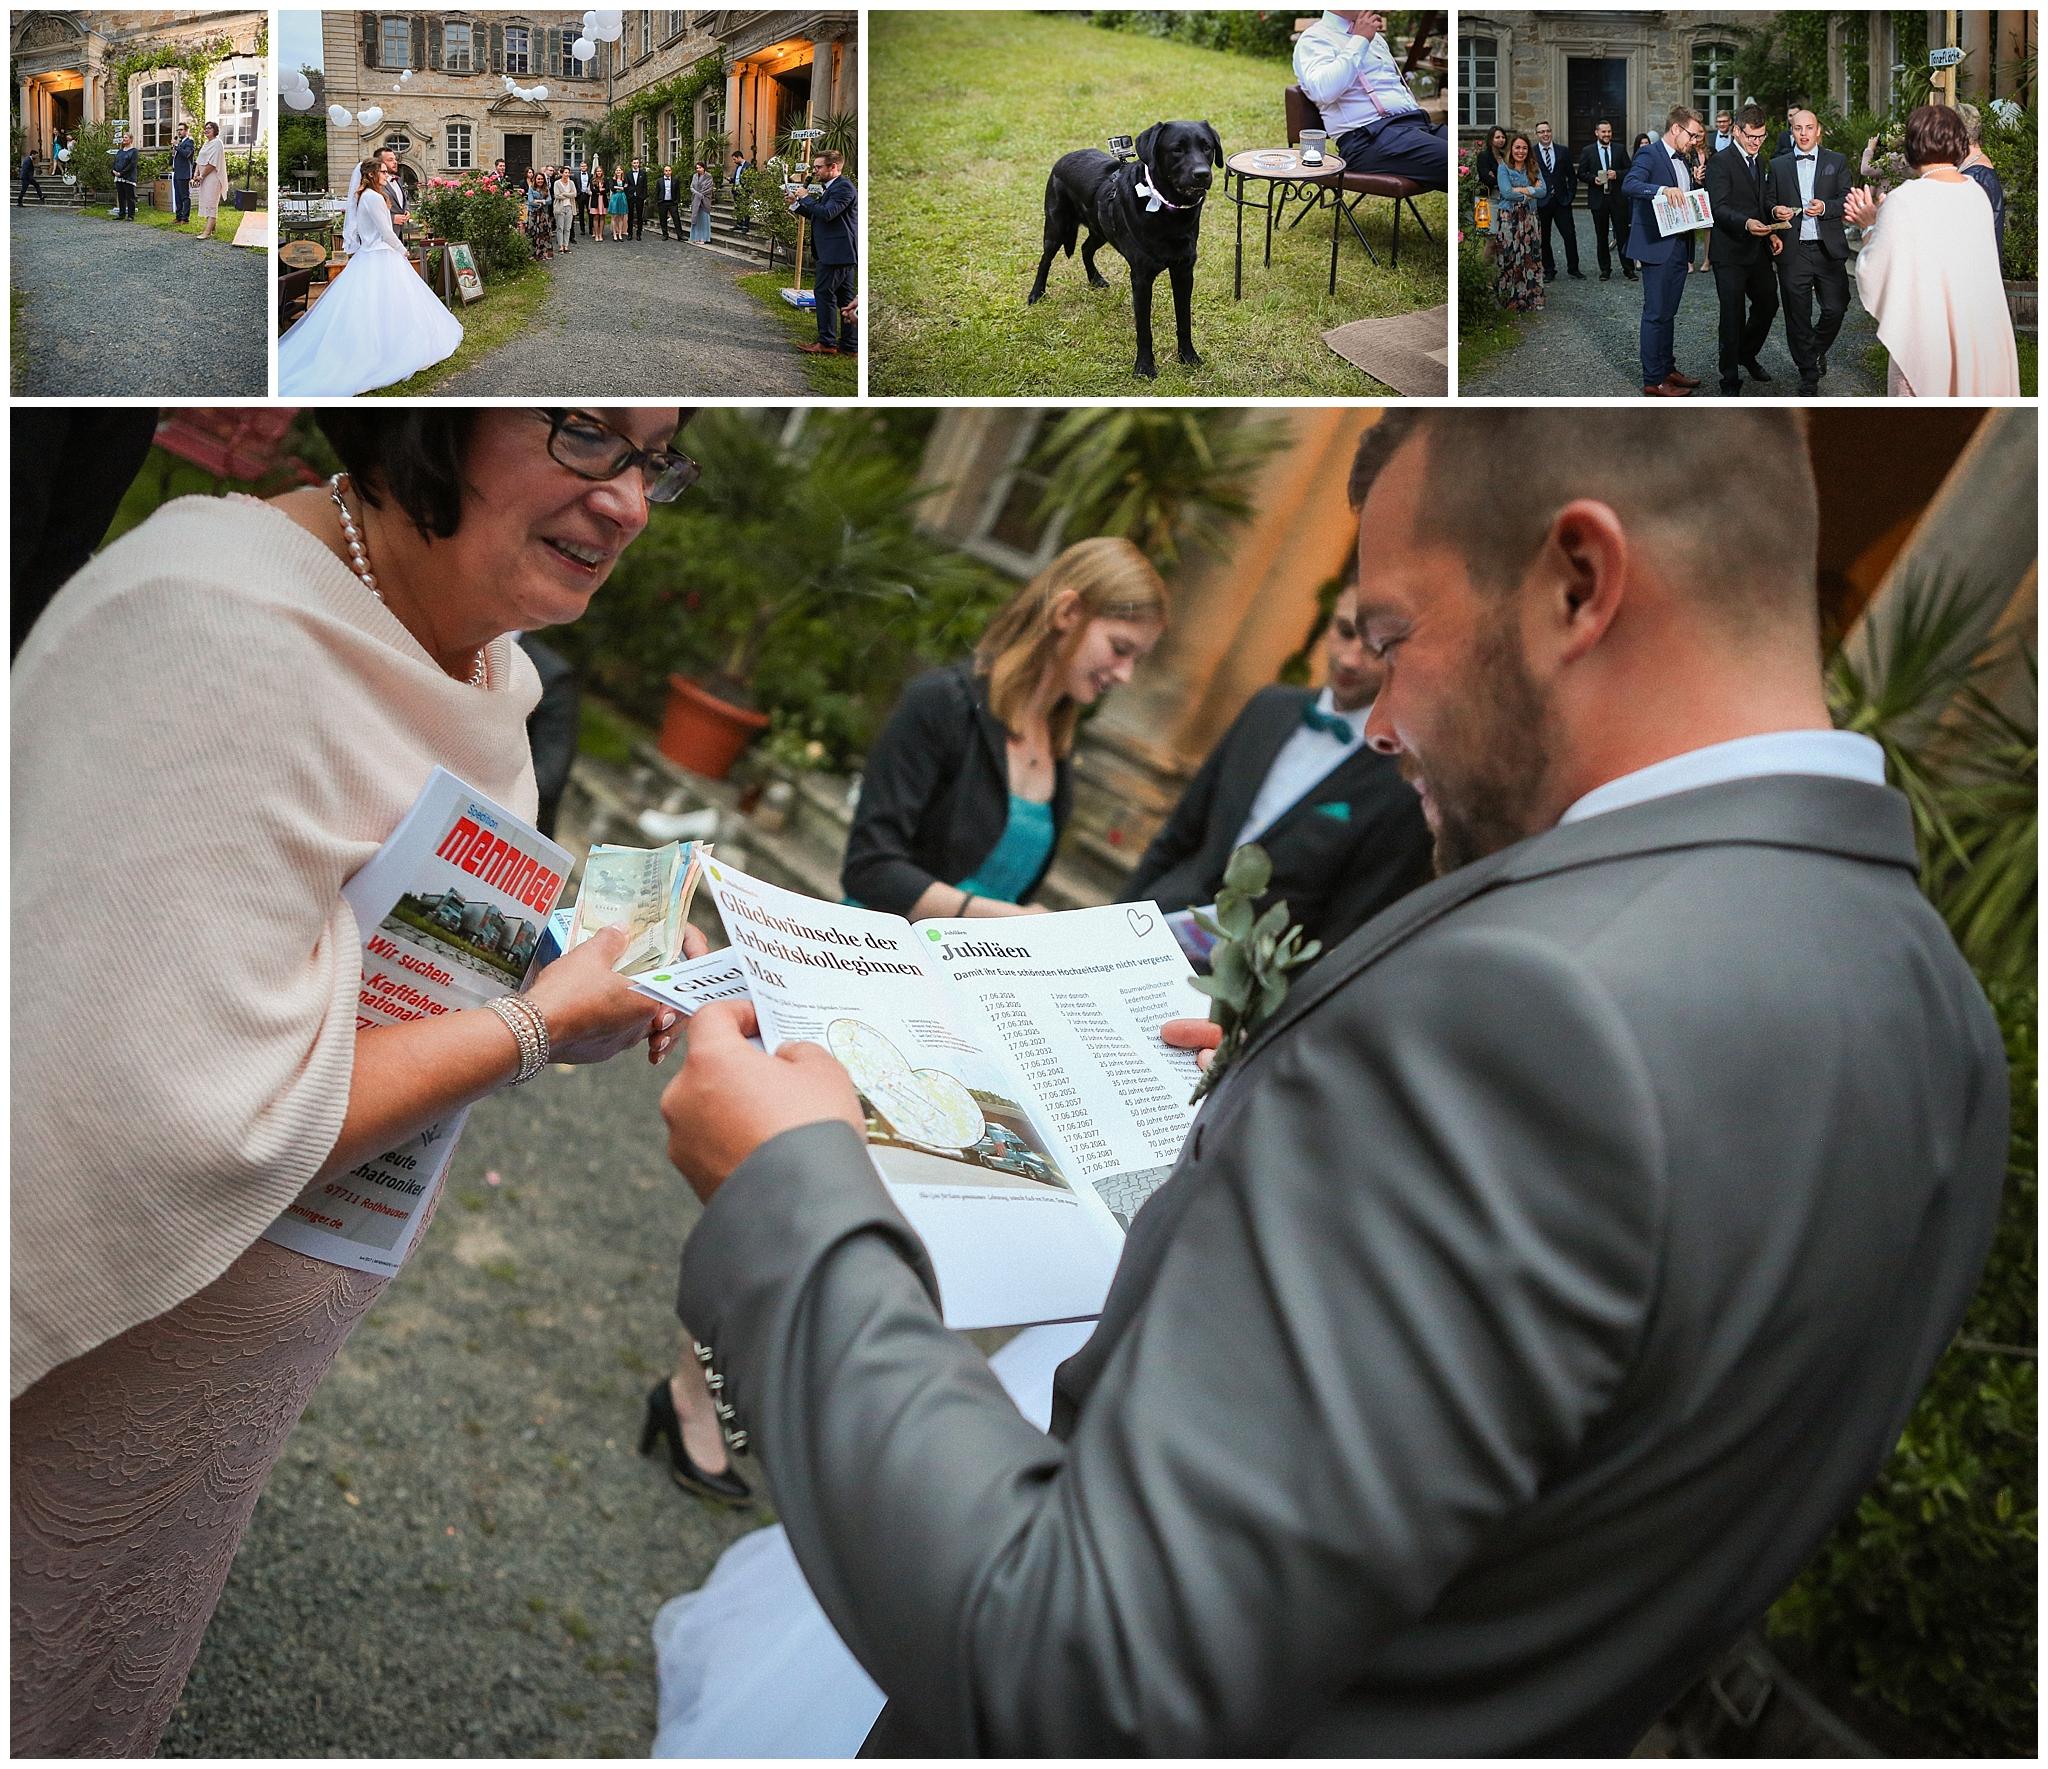 Hochzeit_Menninger_dieLICHTBUILDER_75.jpg